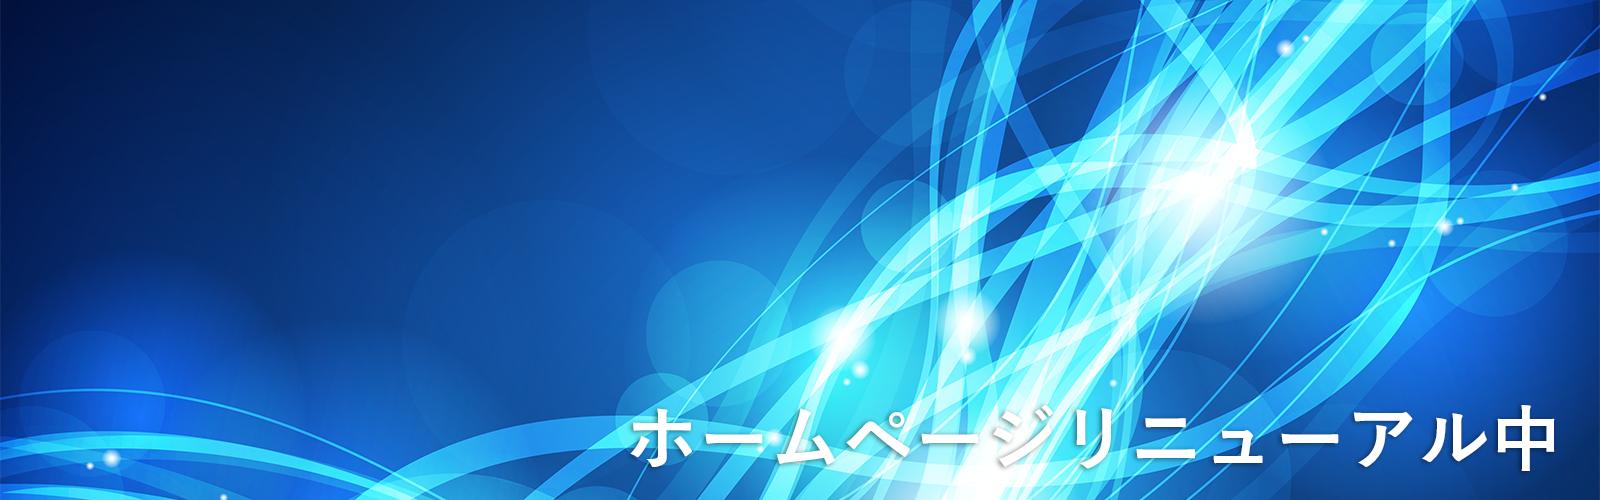 ホームページ制作・管理・運用 株式会社SYN